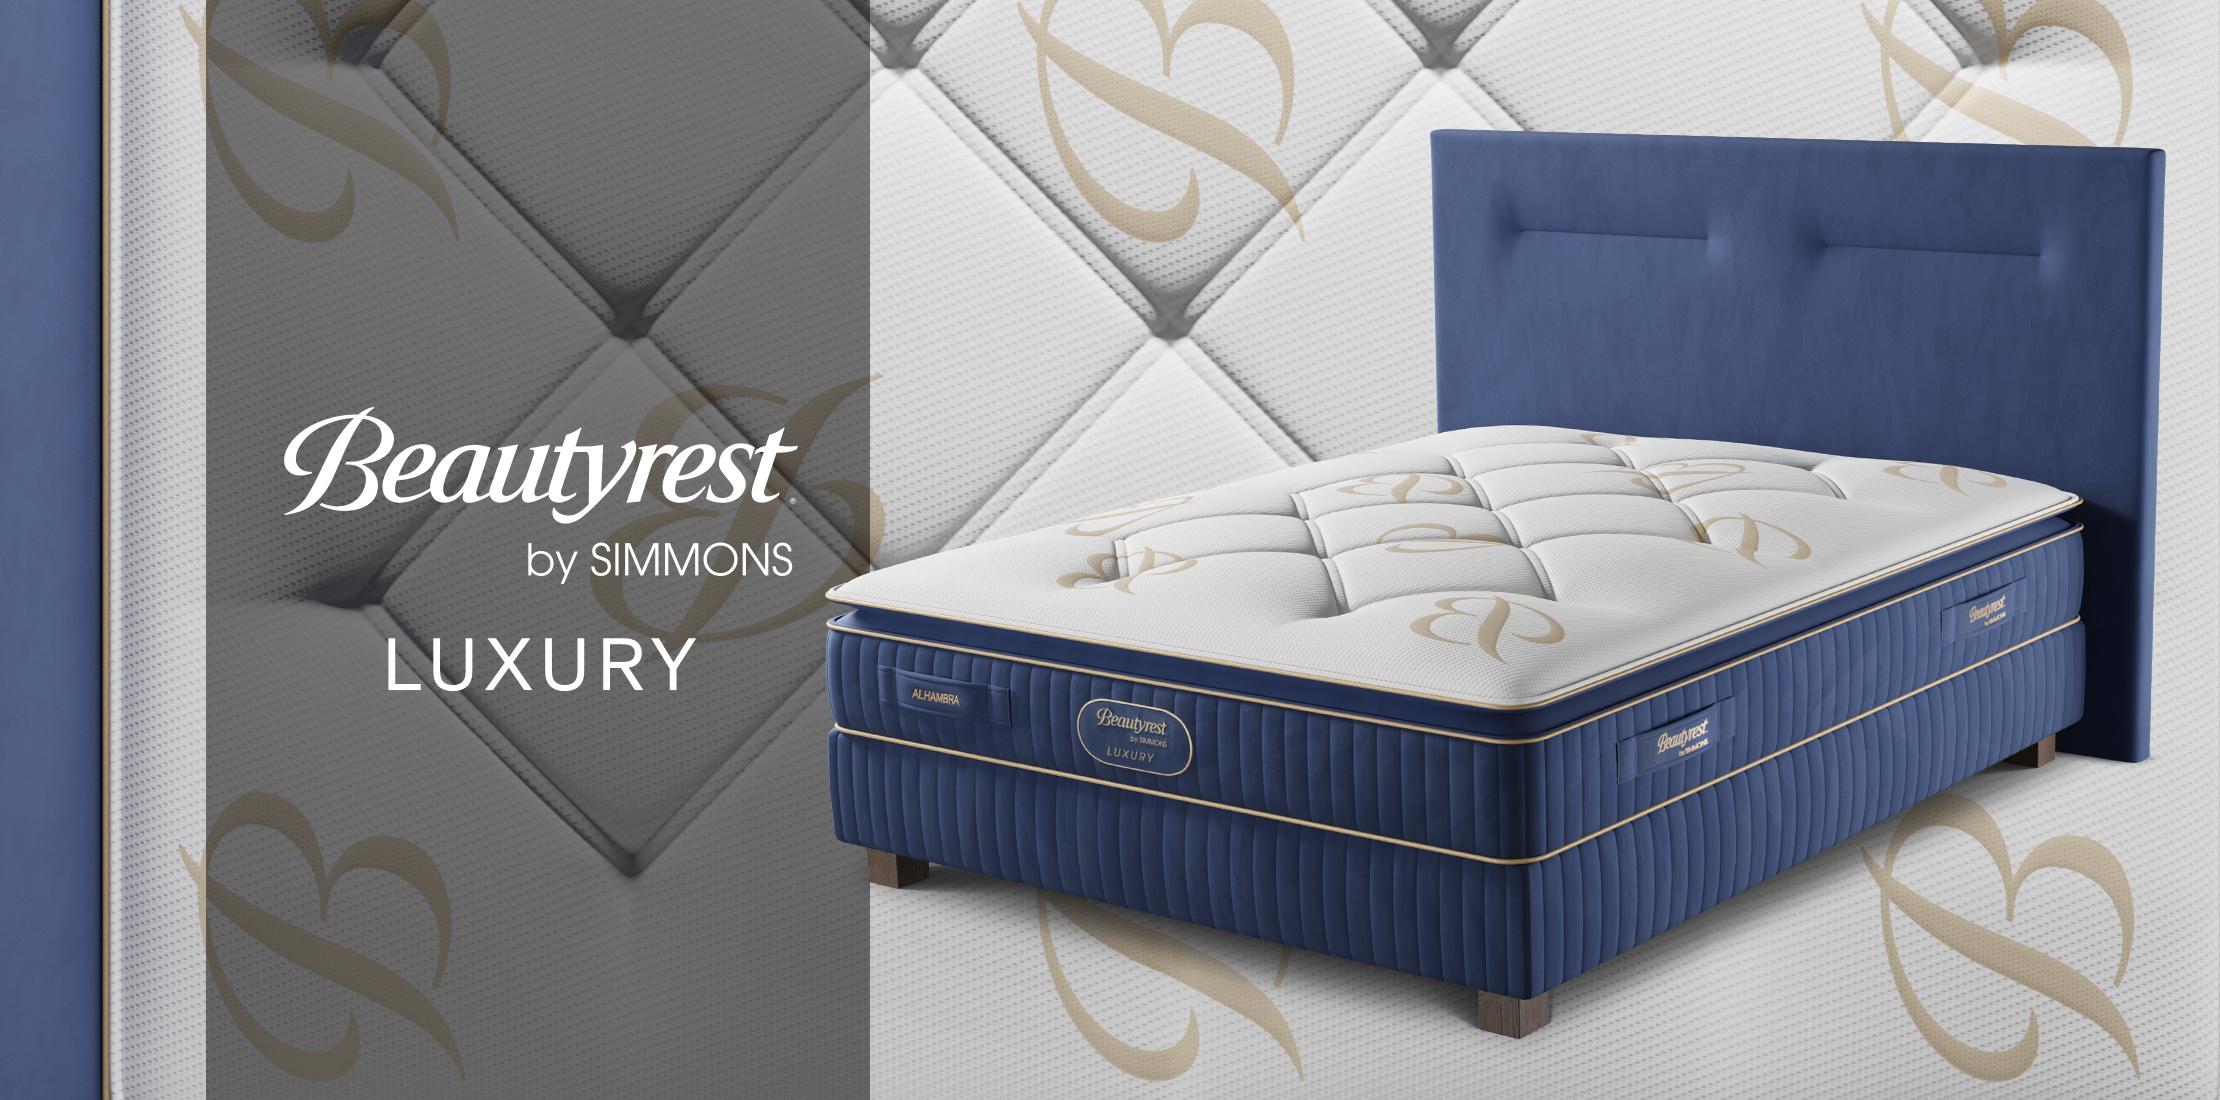 Beautyrest Luxury